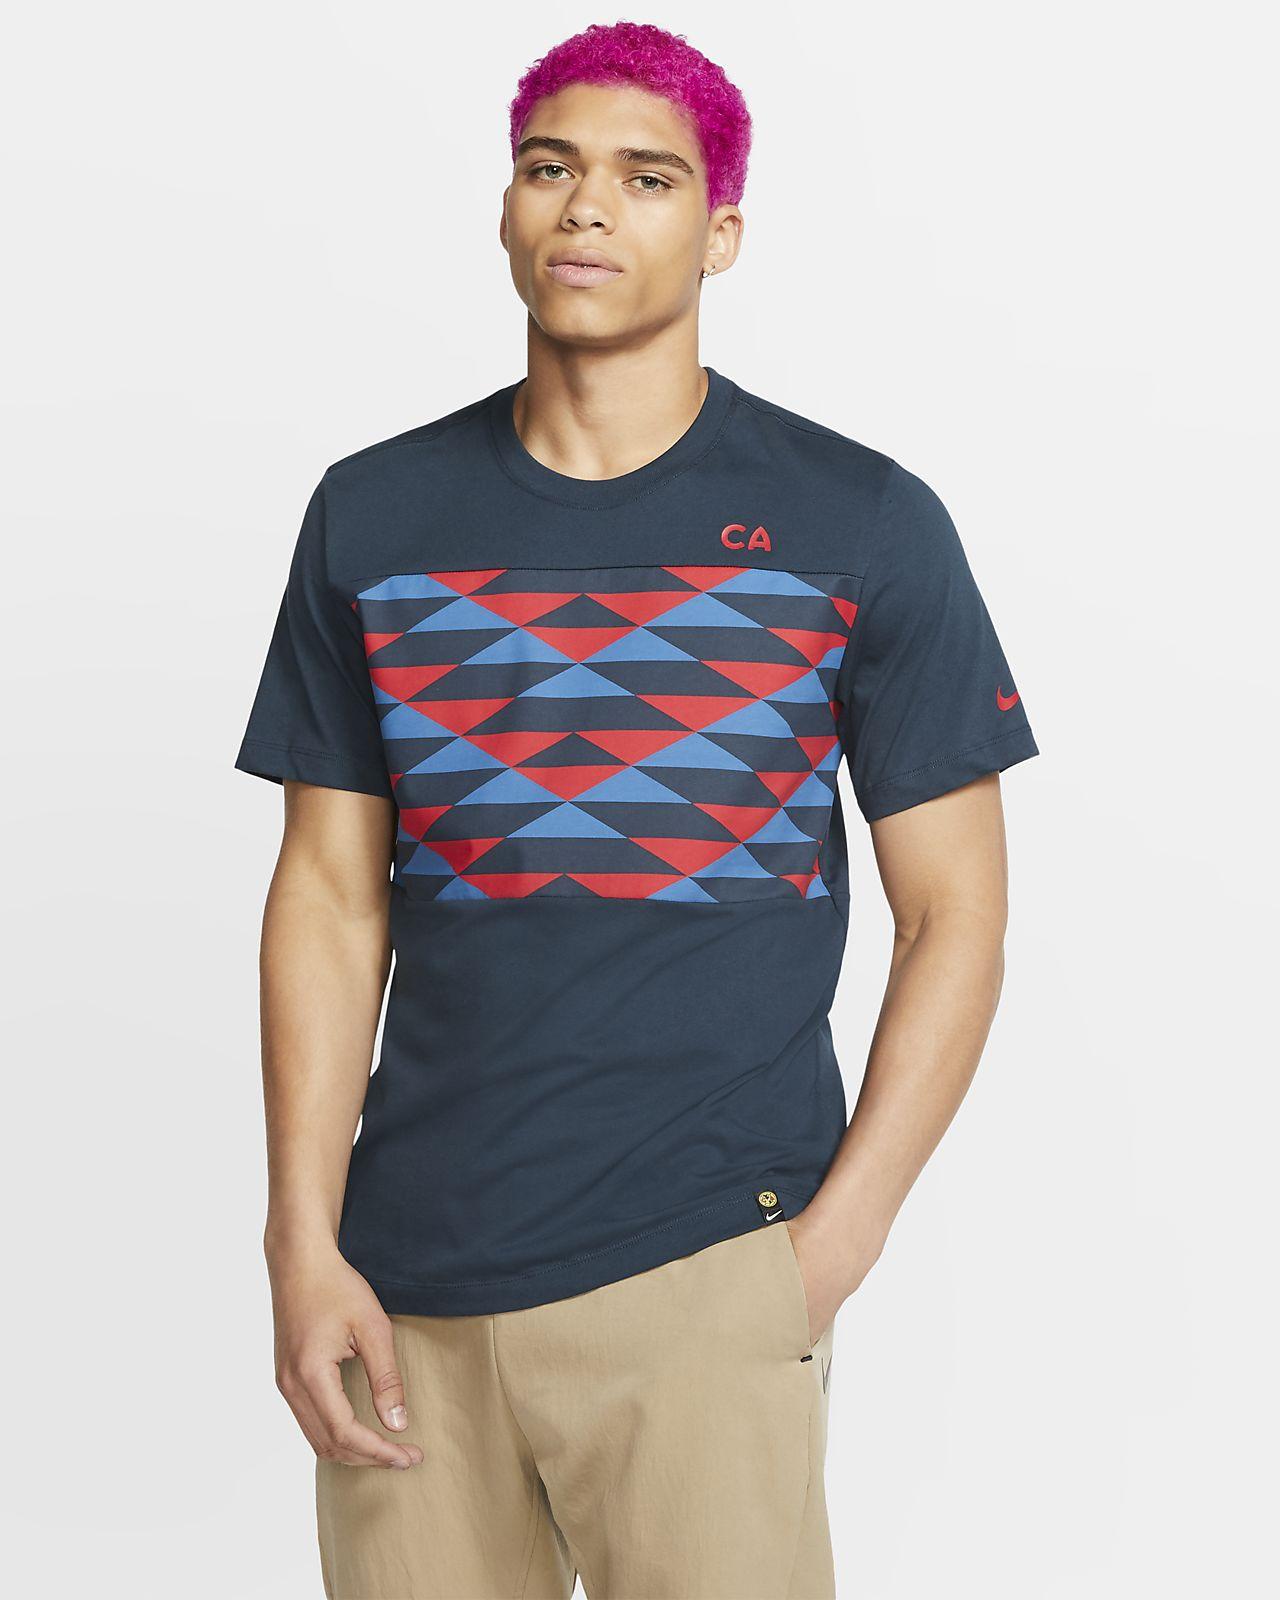 Club América Men's Soccer T-Shirt